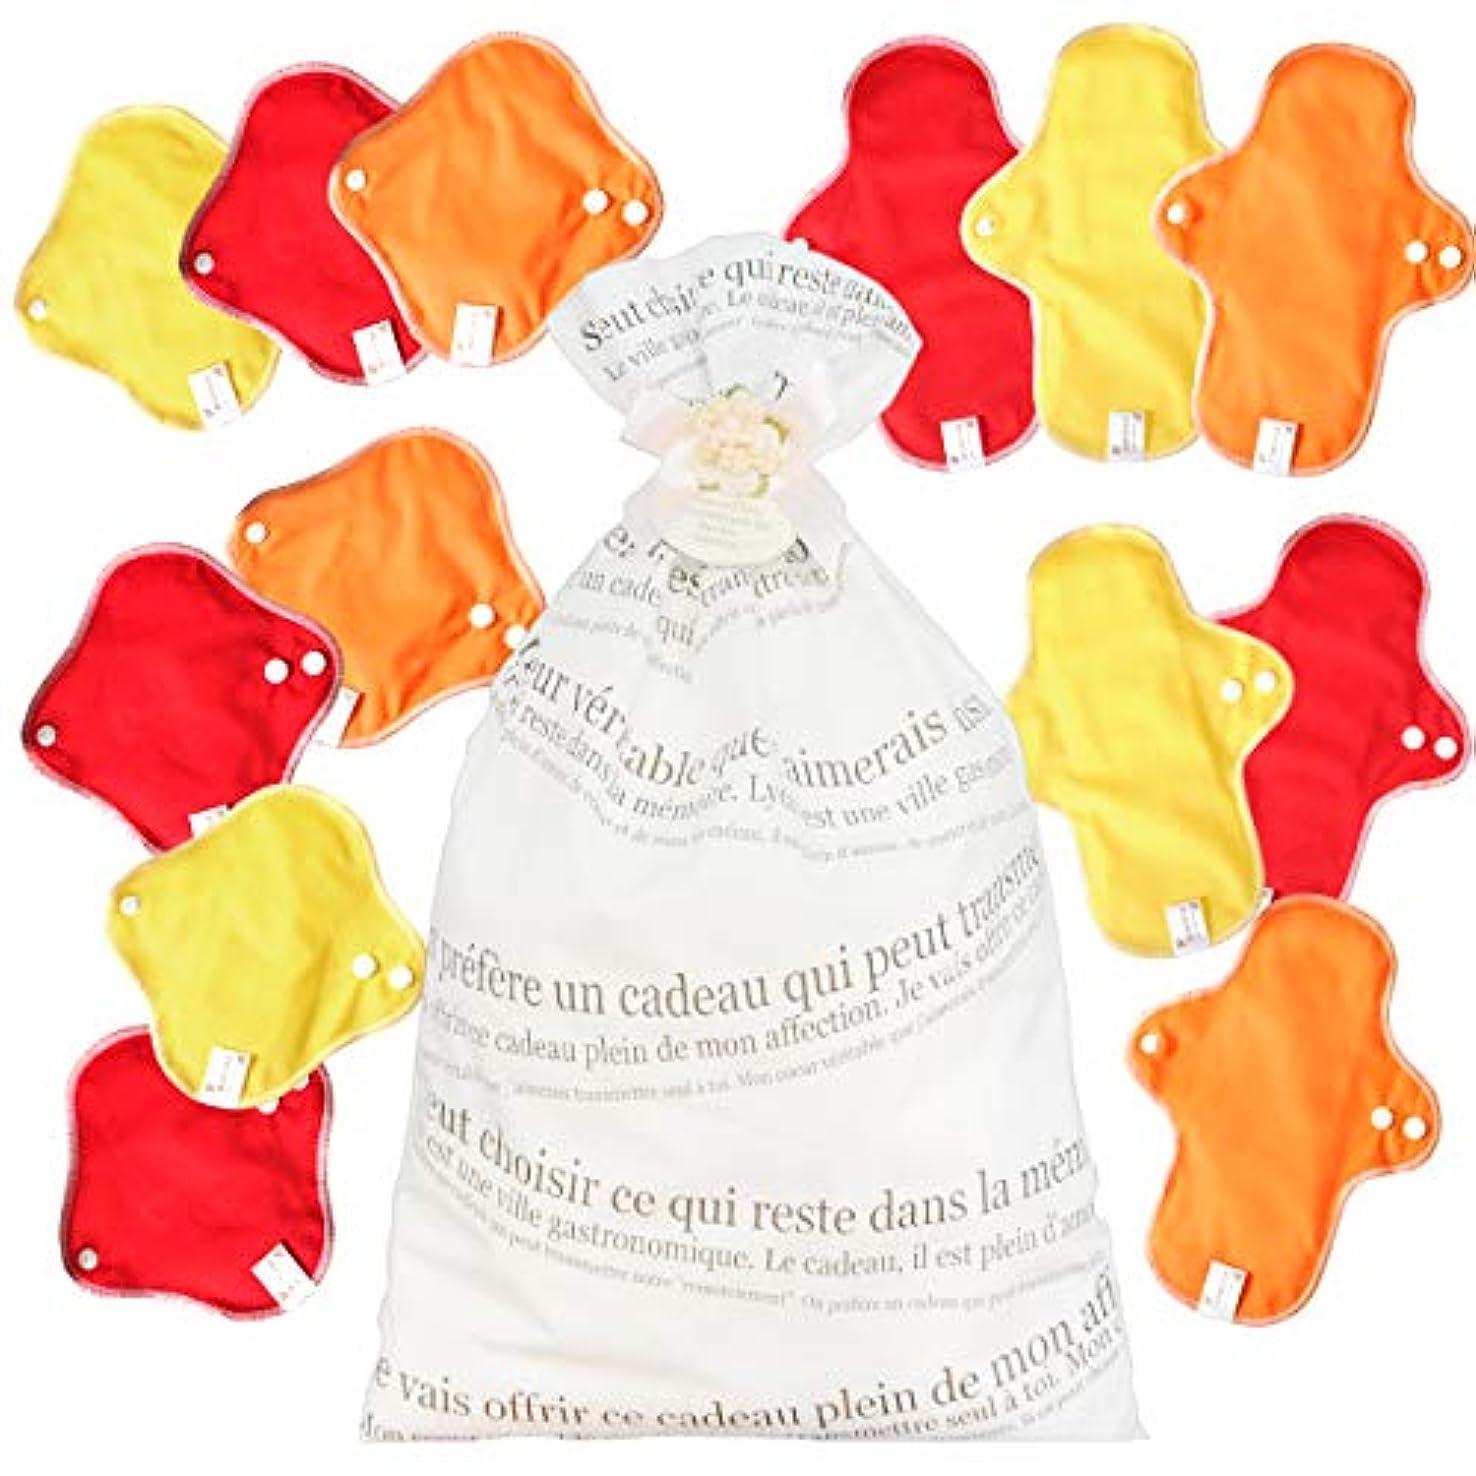 目的兄教育学布ナプキン 15枚入り 【色が選べる 布ナプキン 福袋 1万円 】 < 防水布 付き&幅広設計で漏れにくい>(マカロンカラー)